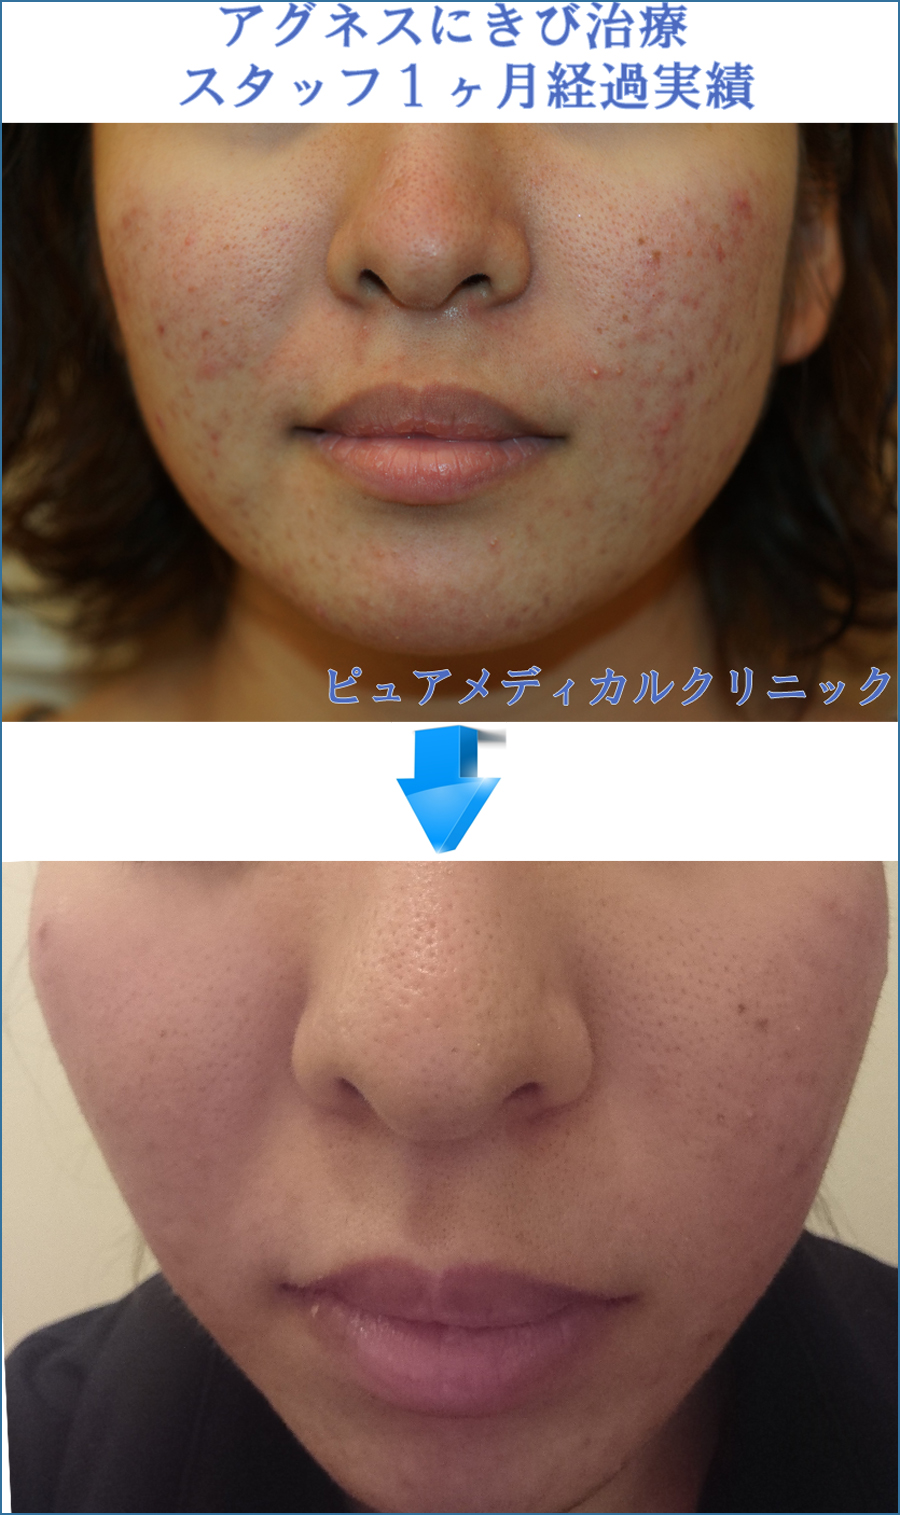 繰り返すにきびのお悩みで口コミ評判アグネス|治療成果|美容外科皮膚科ピュアメディカルクリニック奈良